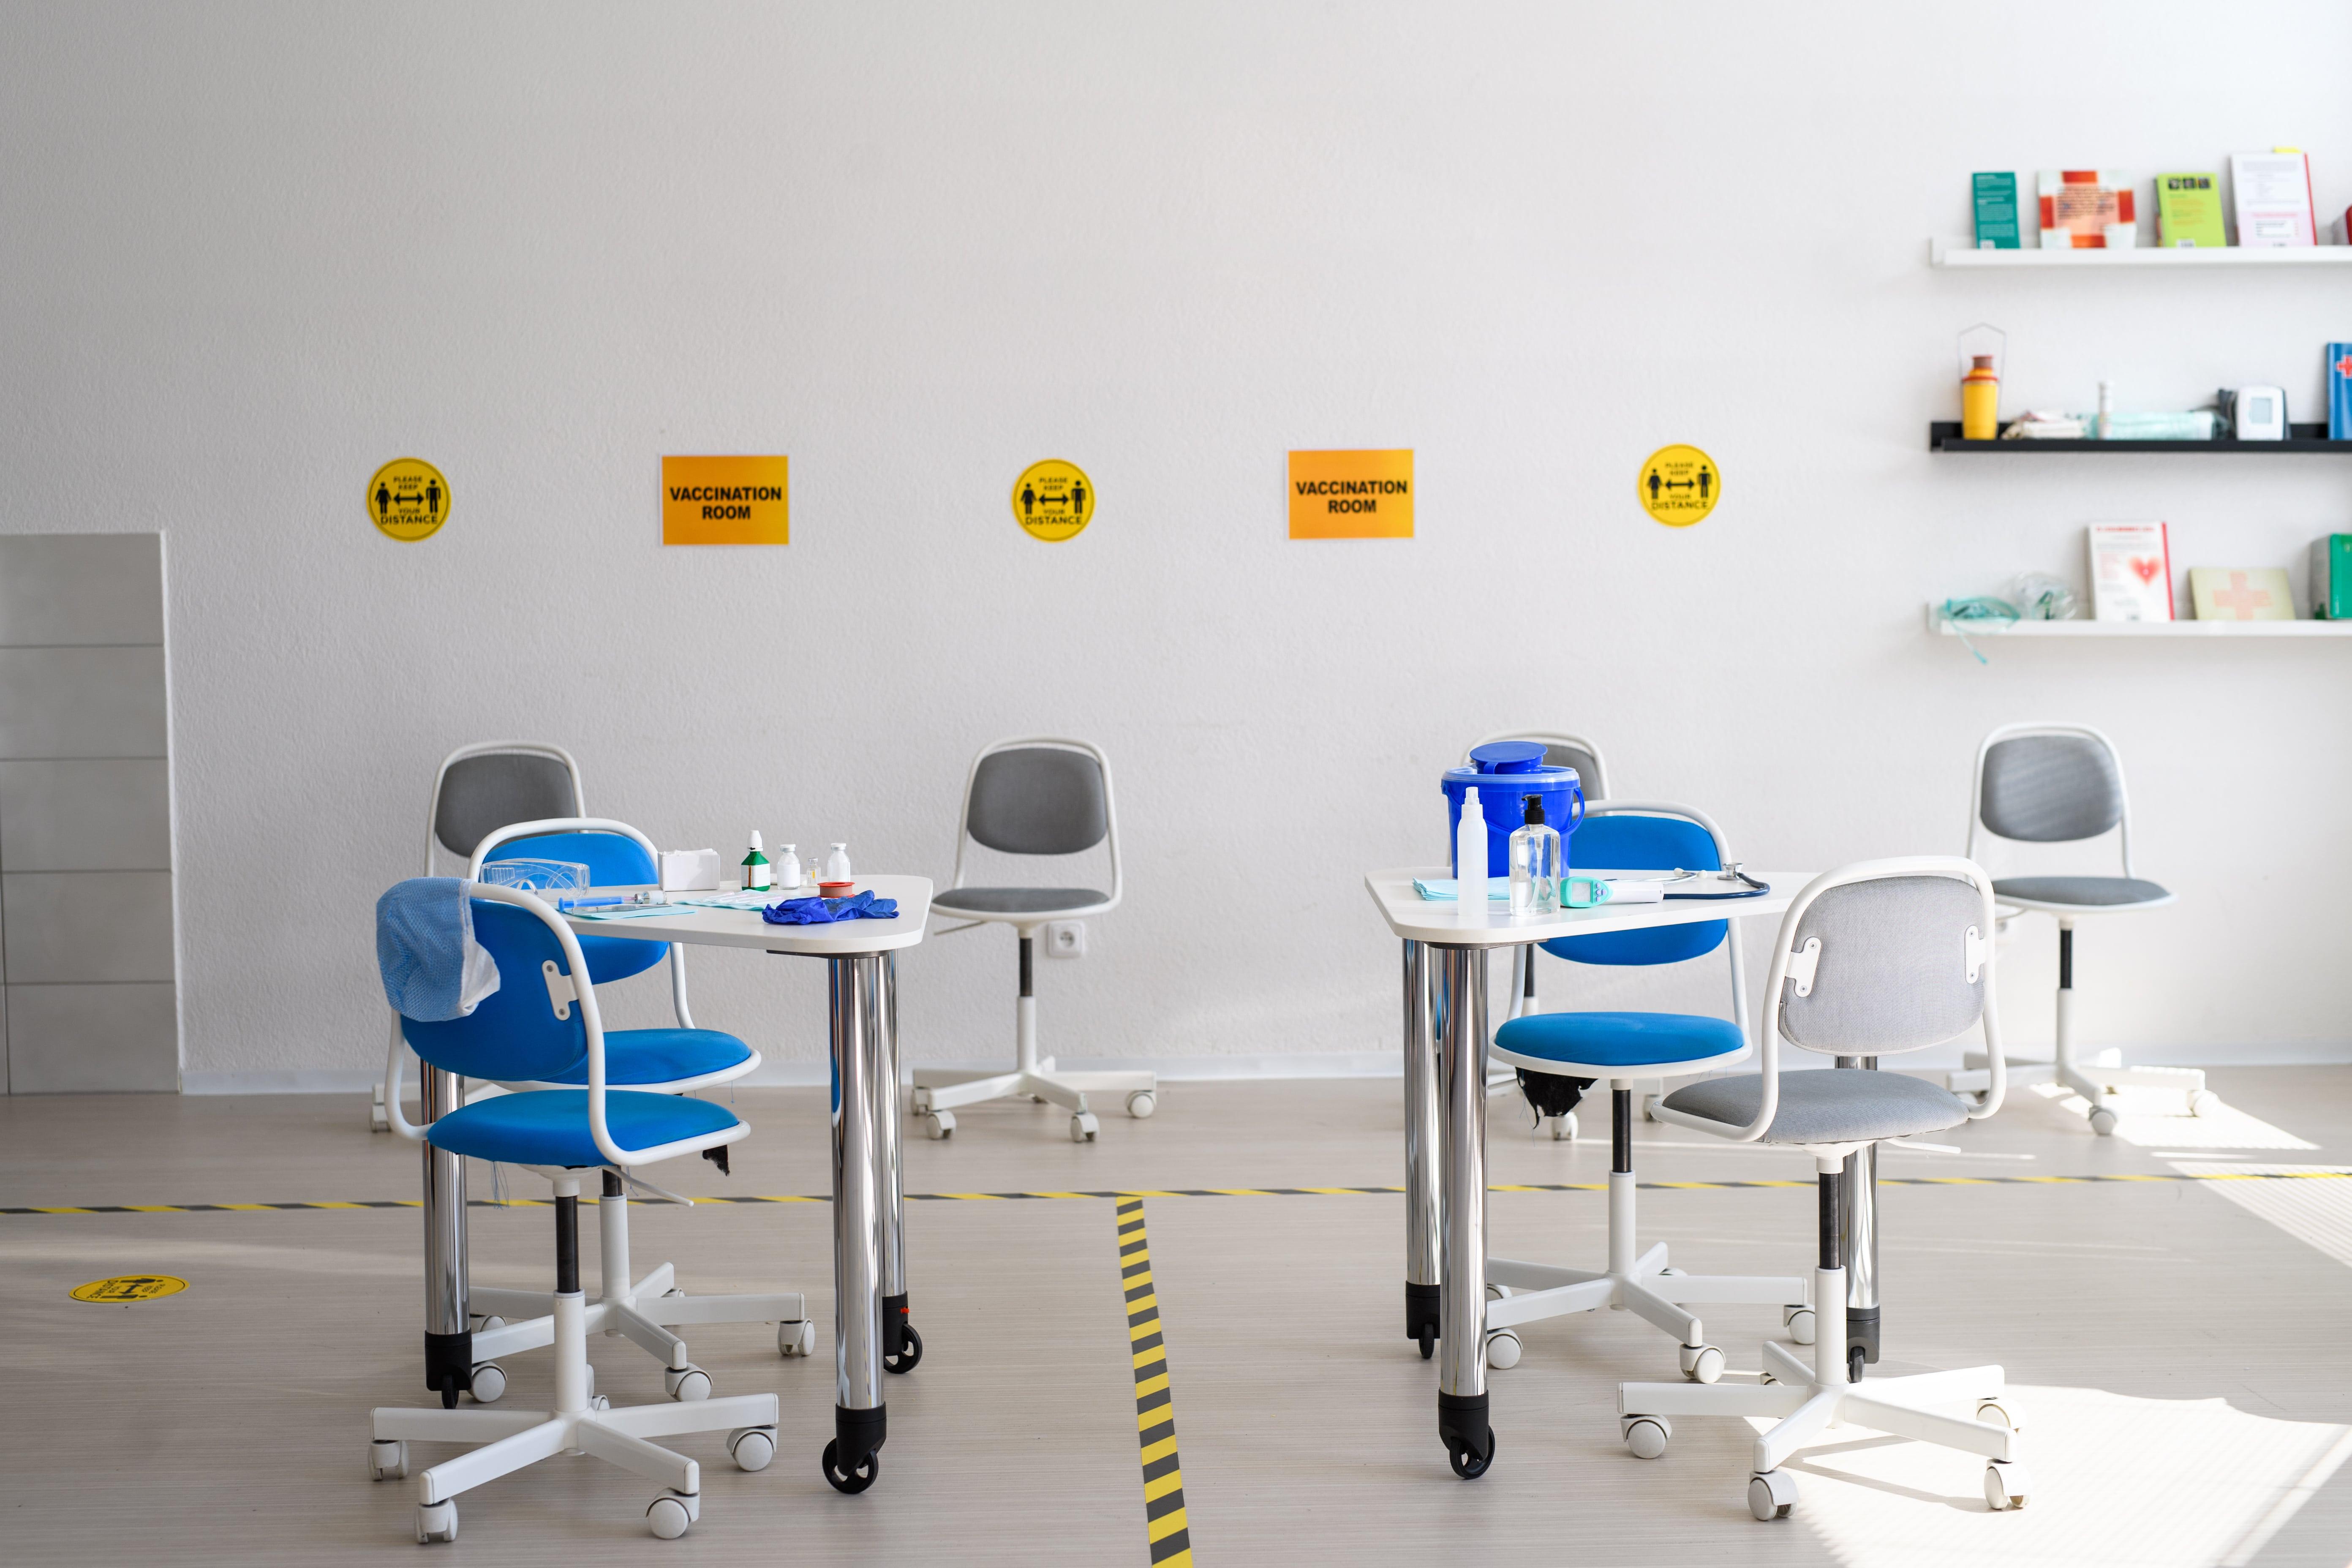 Impfzentren für die Corona-Impfung gibt es überall in Deutschland